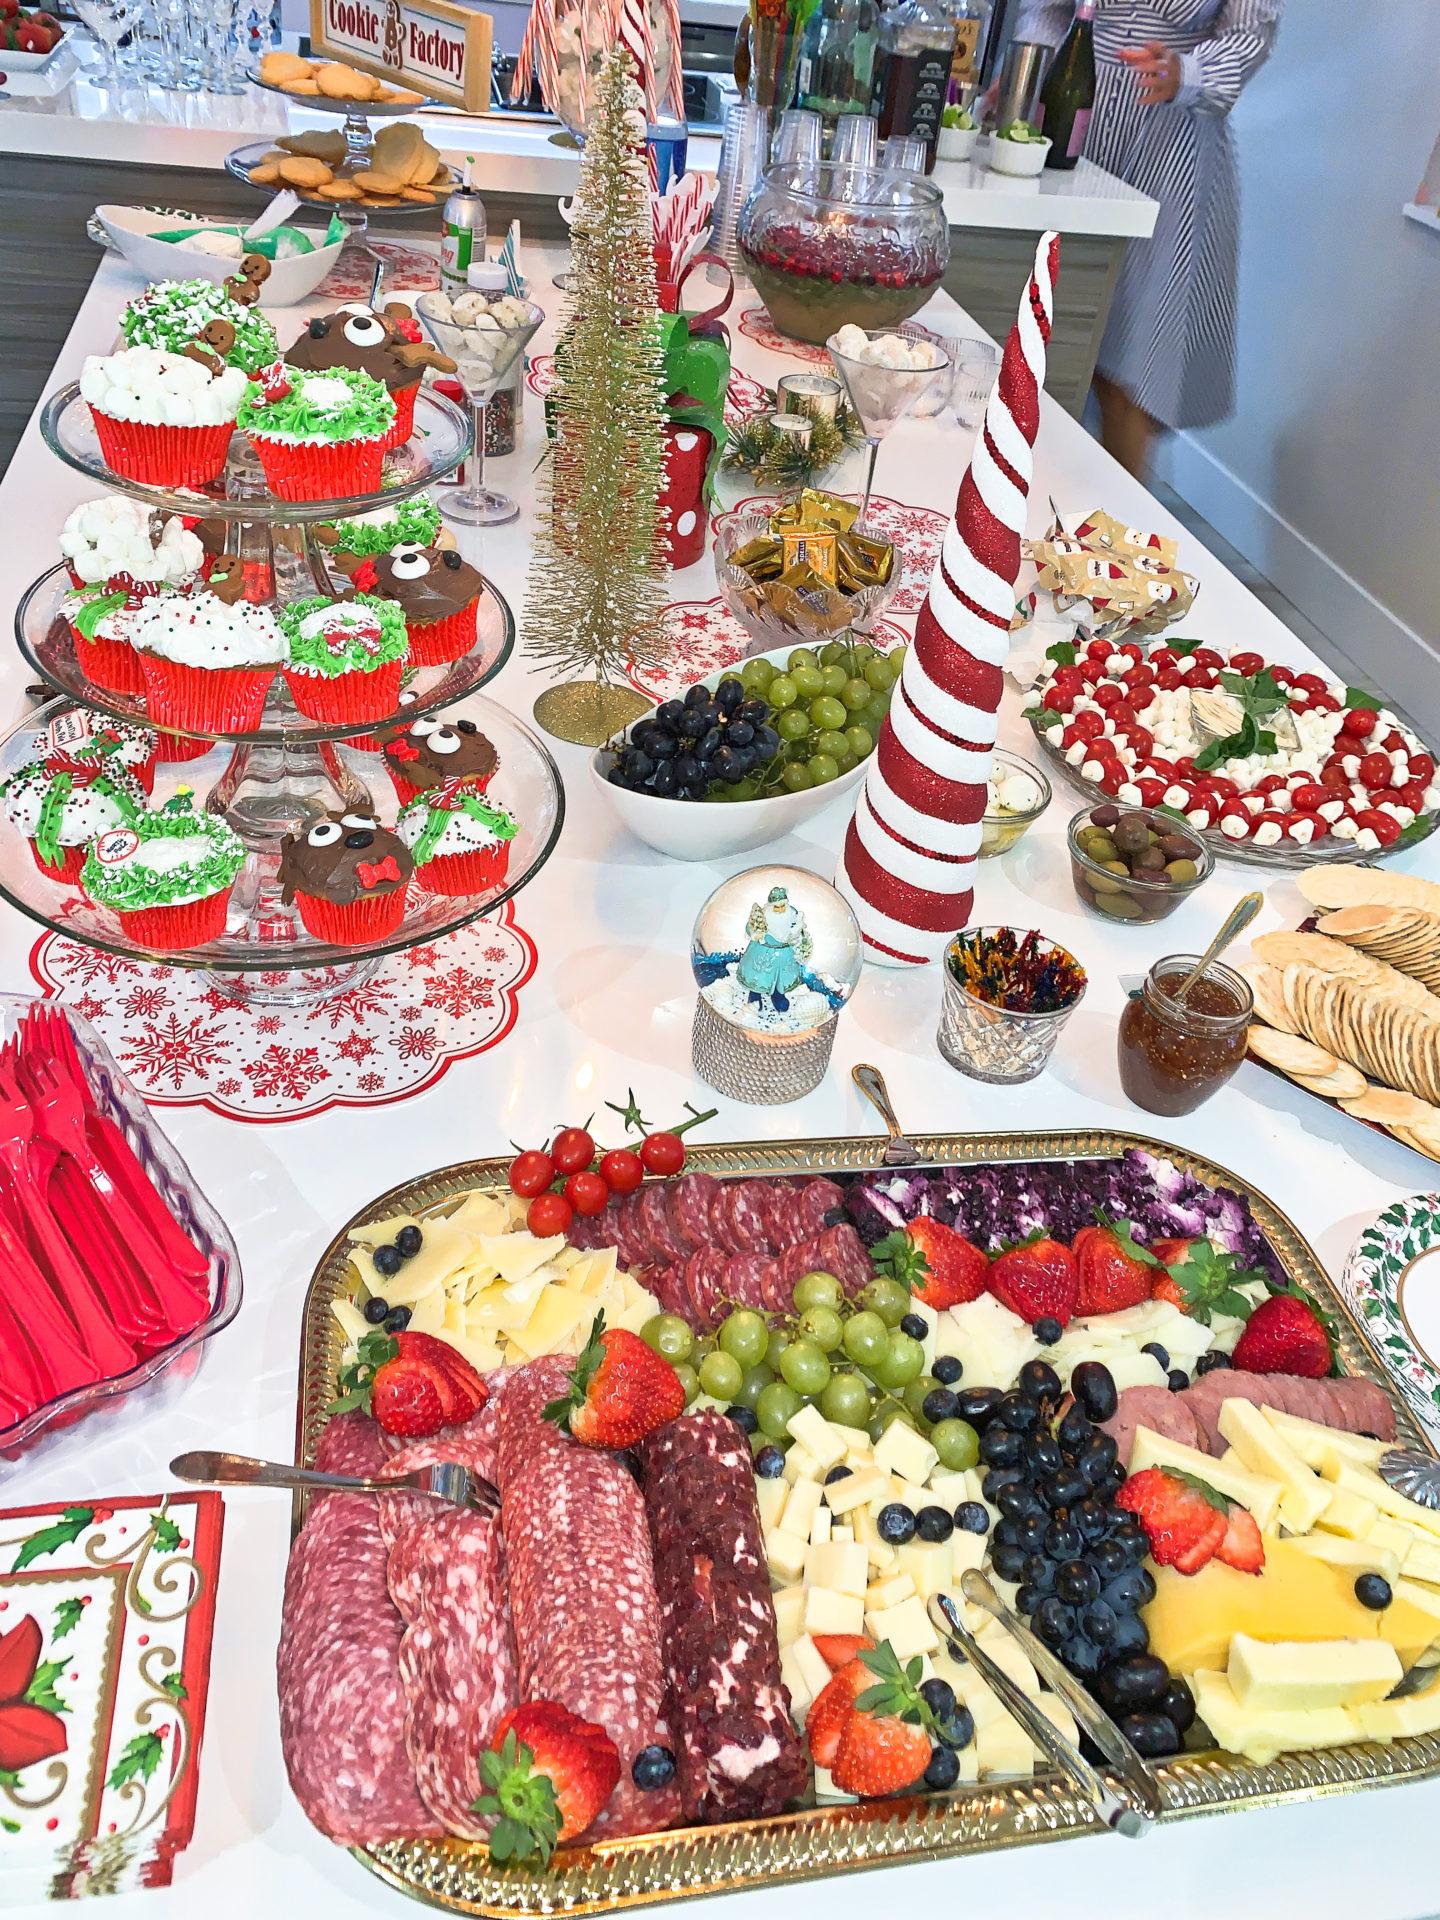 7 Christmas Themed Food Ideas